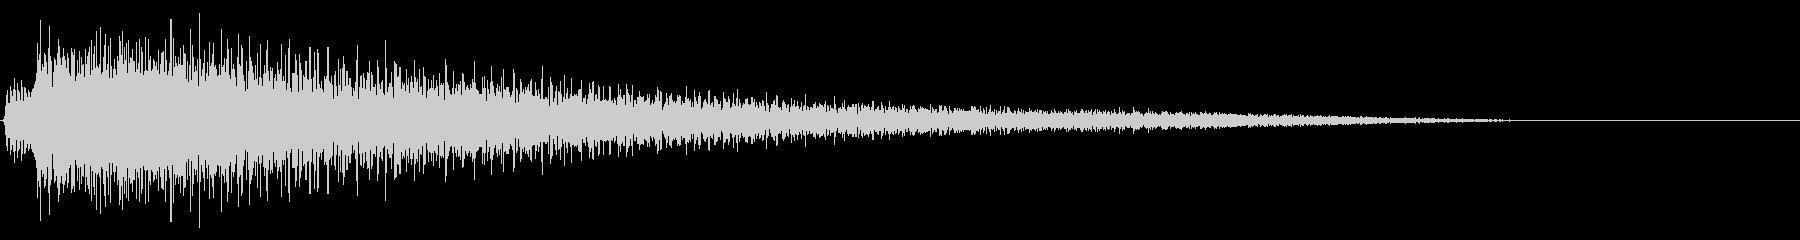 【ピアノ生演奏】優しい雰囲気のジングルの未再生の波形